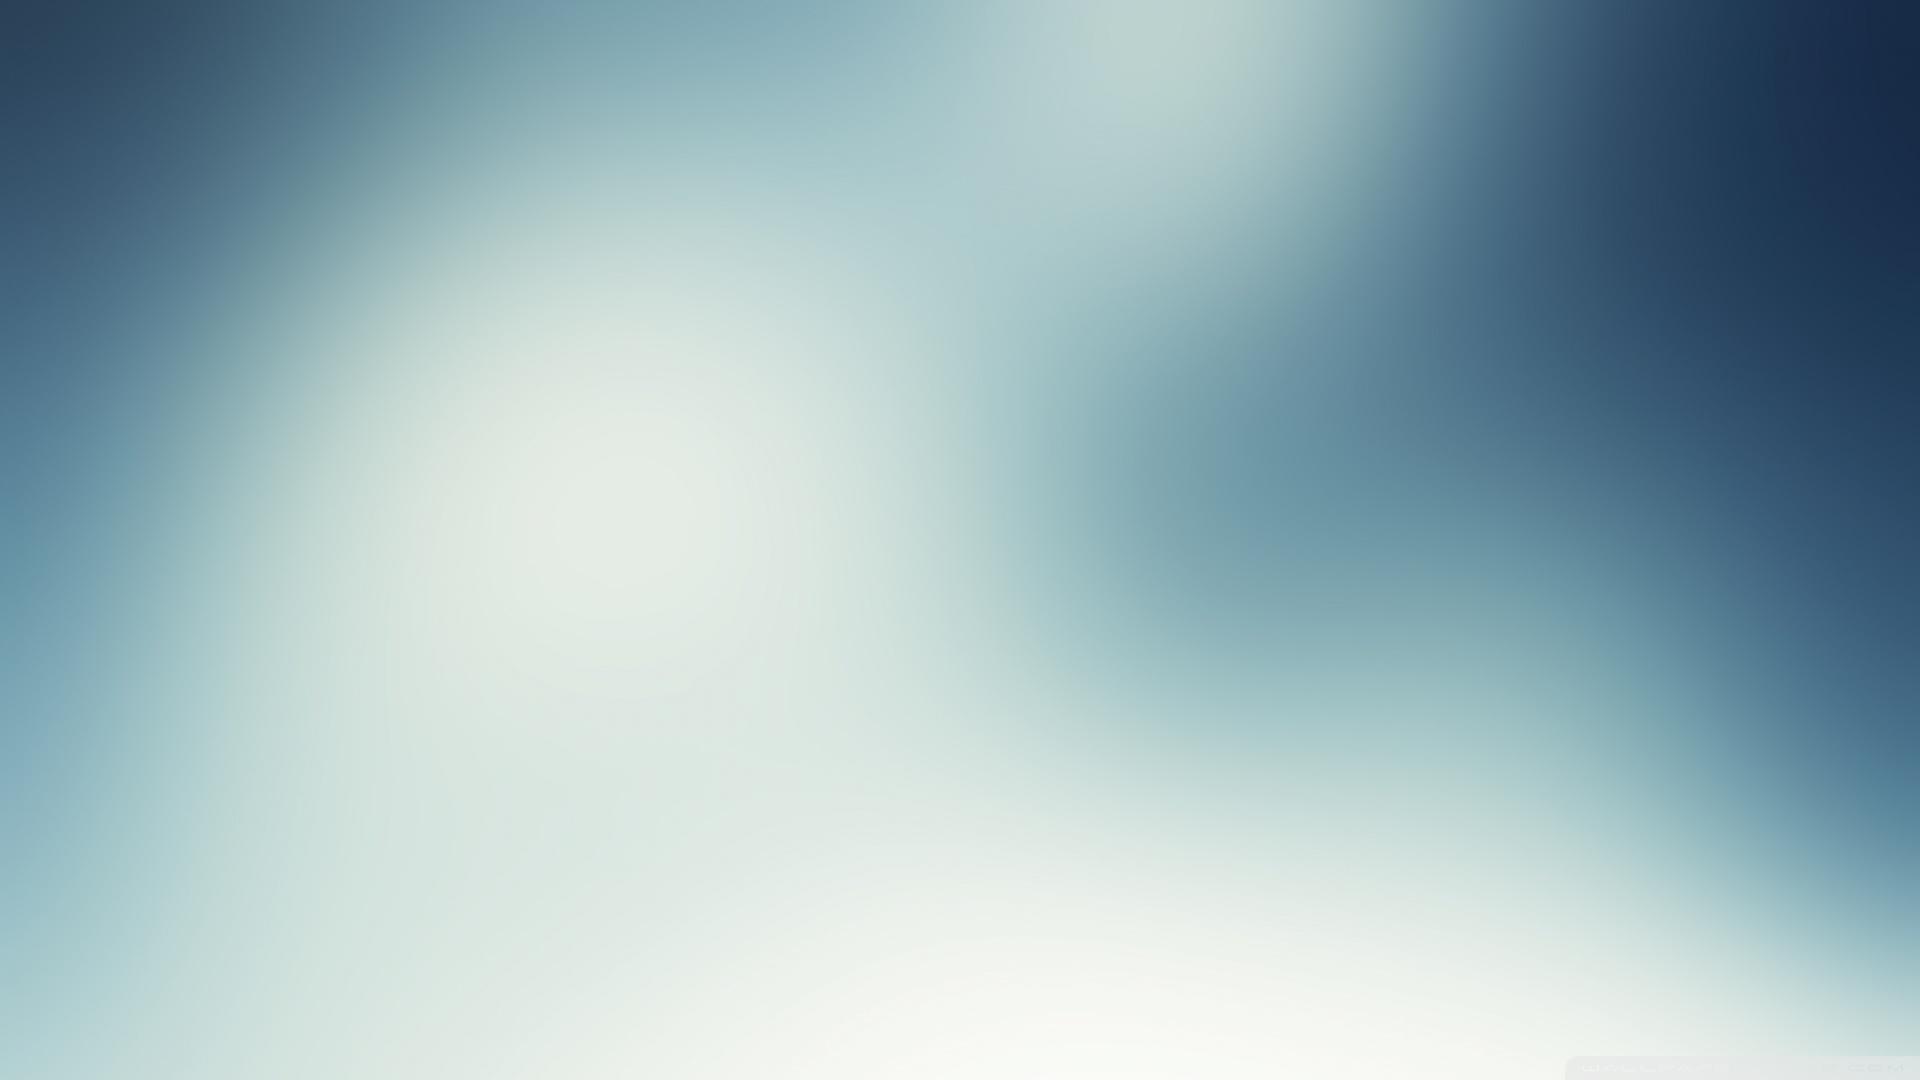 minimalist wallpaper 5750